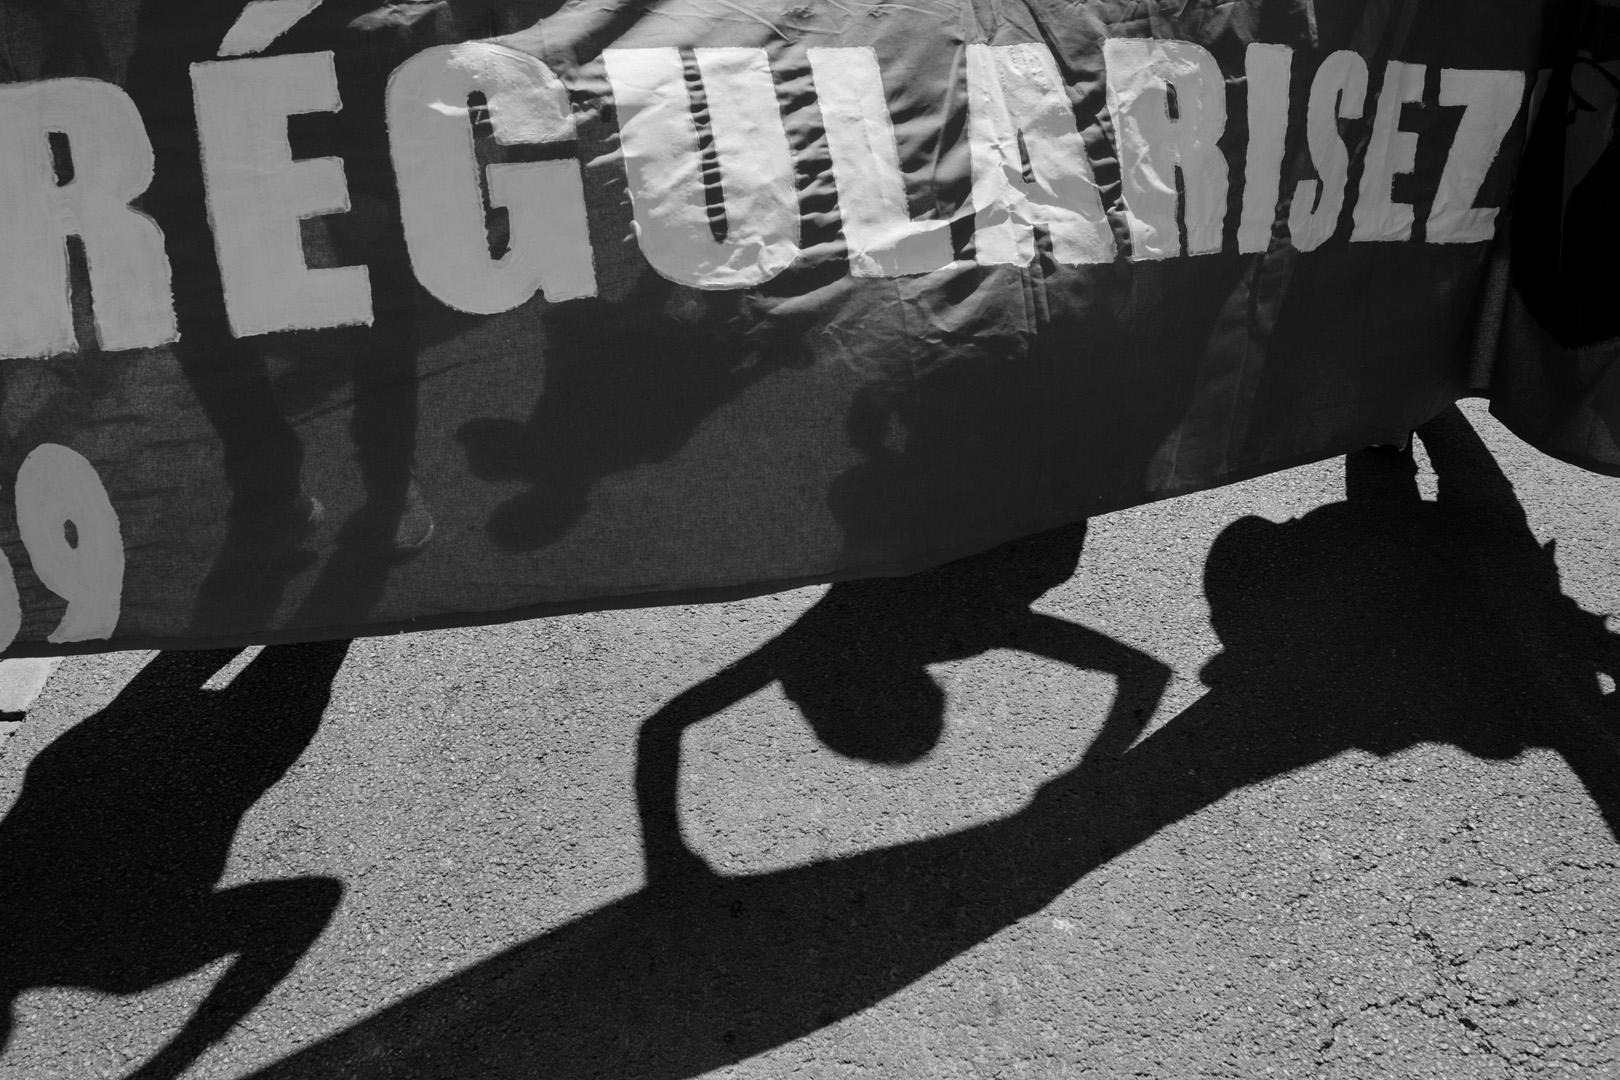 Marche festive entre Douai et Lille. Marche solidaire organisée par l'auberge des migrants.